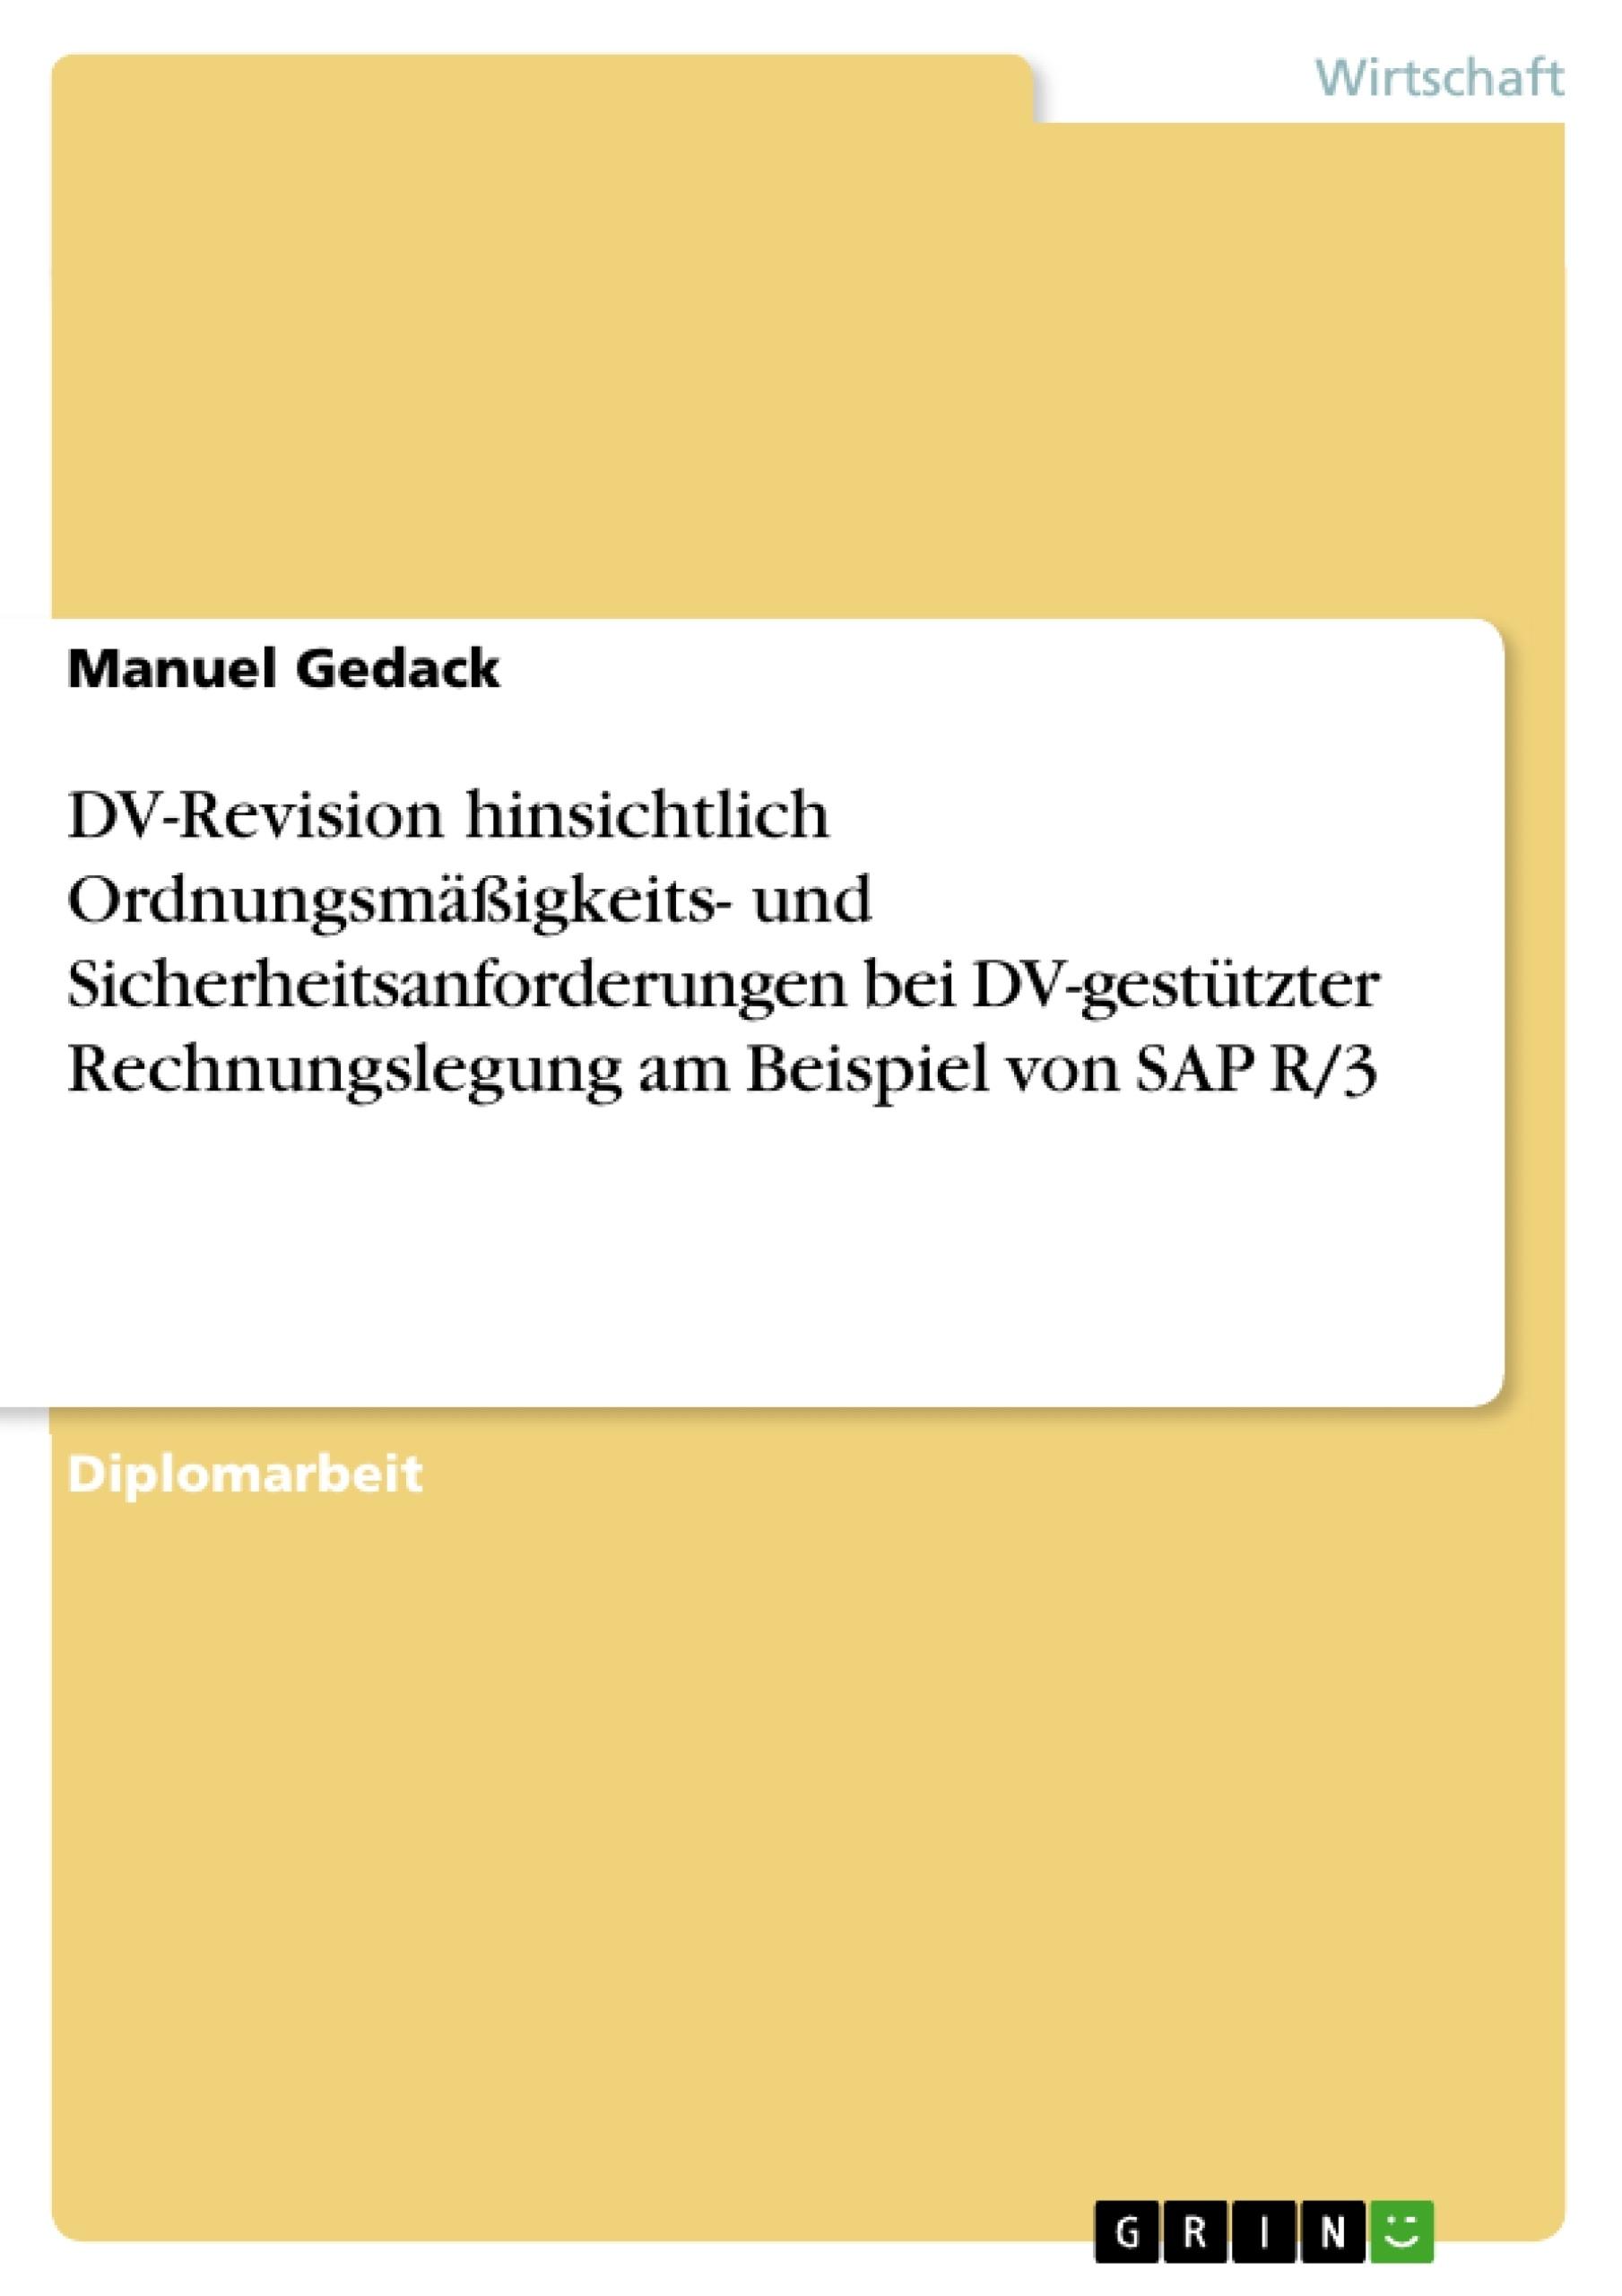 Titel: DV-Revision hinsichtlich Ordnungsmäßigkeits- und Sicherheitsanforderungen bei DV-gestützter Rechnungslegung am Beispiel von SAP R/3